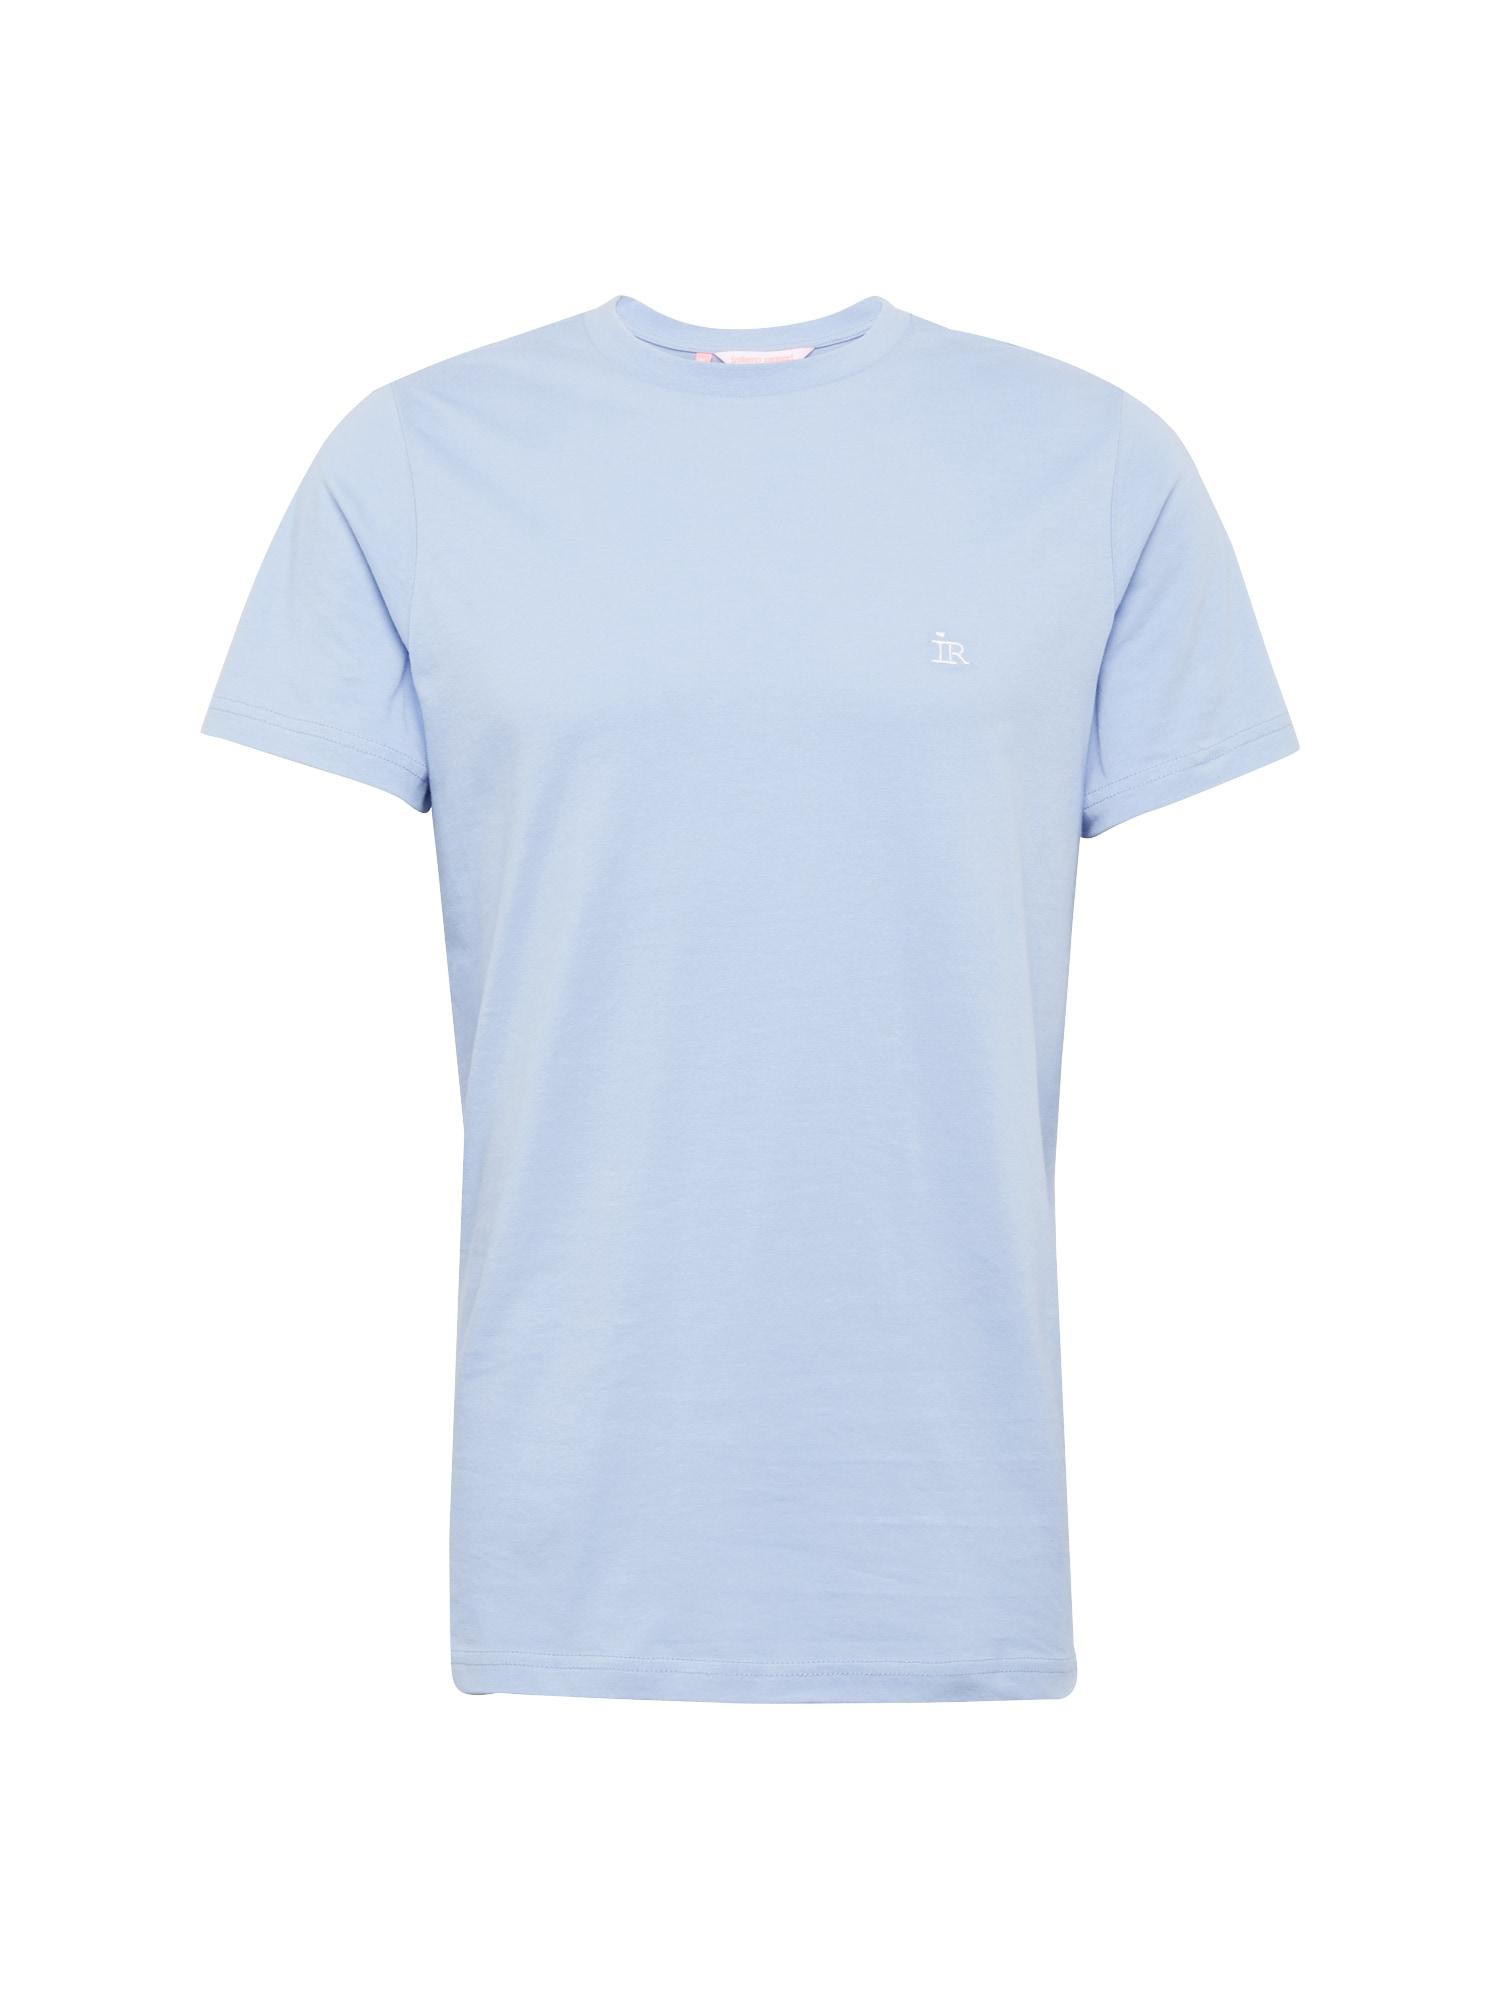 Tričko le choc modrá Inferno Ragazzi